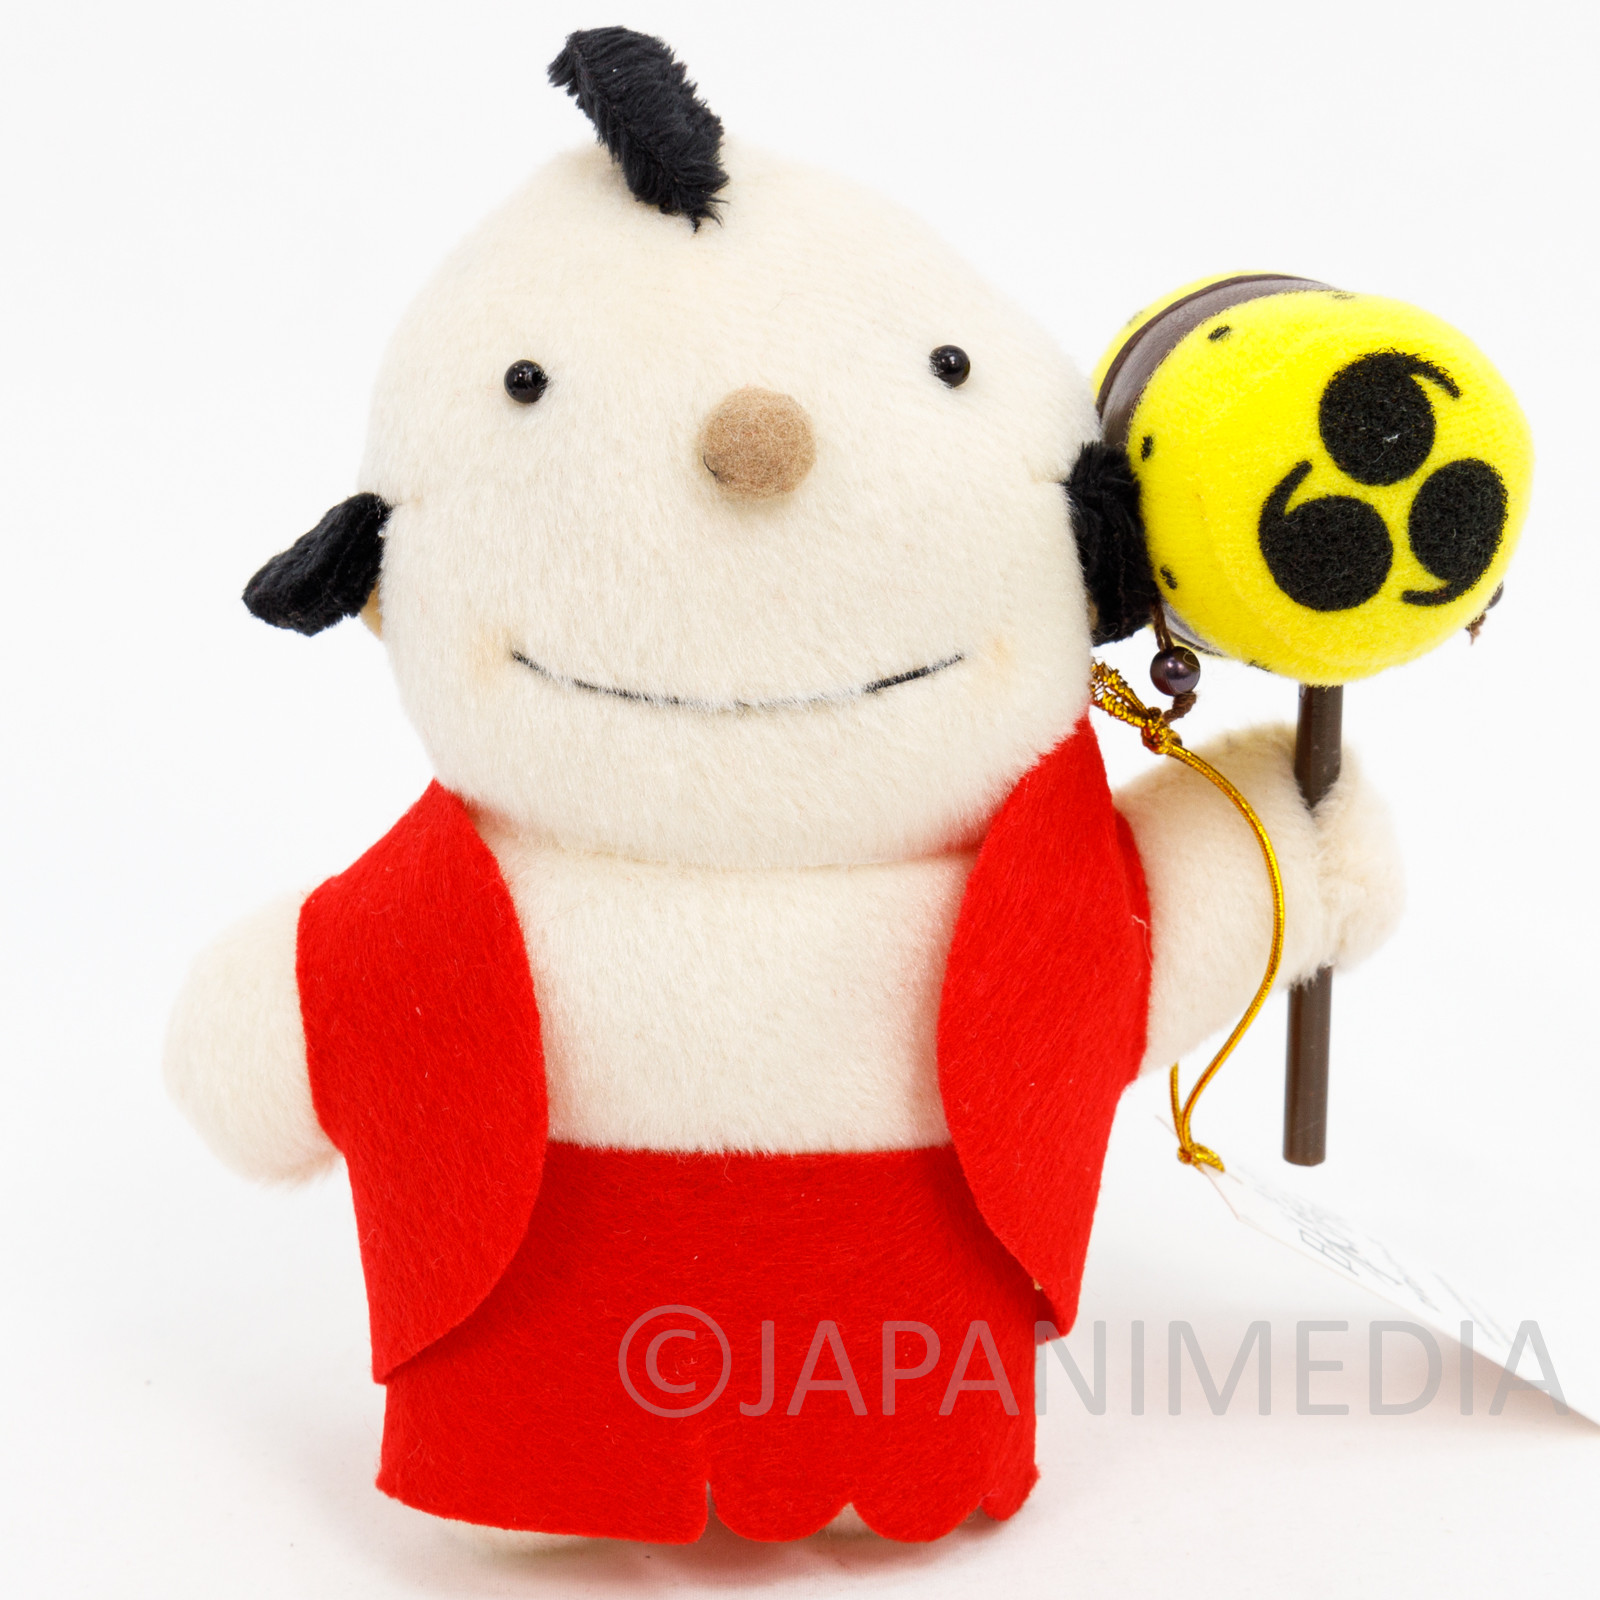 RARE! Manga Nippon Mukashibanashi Taro Plush Doll JAPAN ANIME